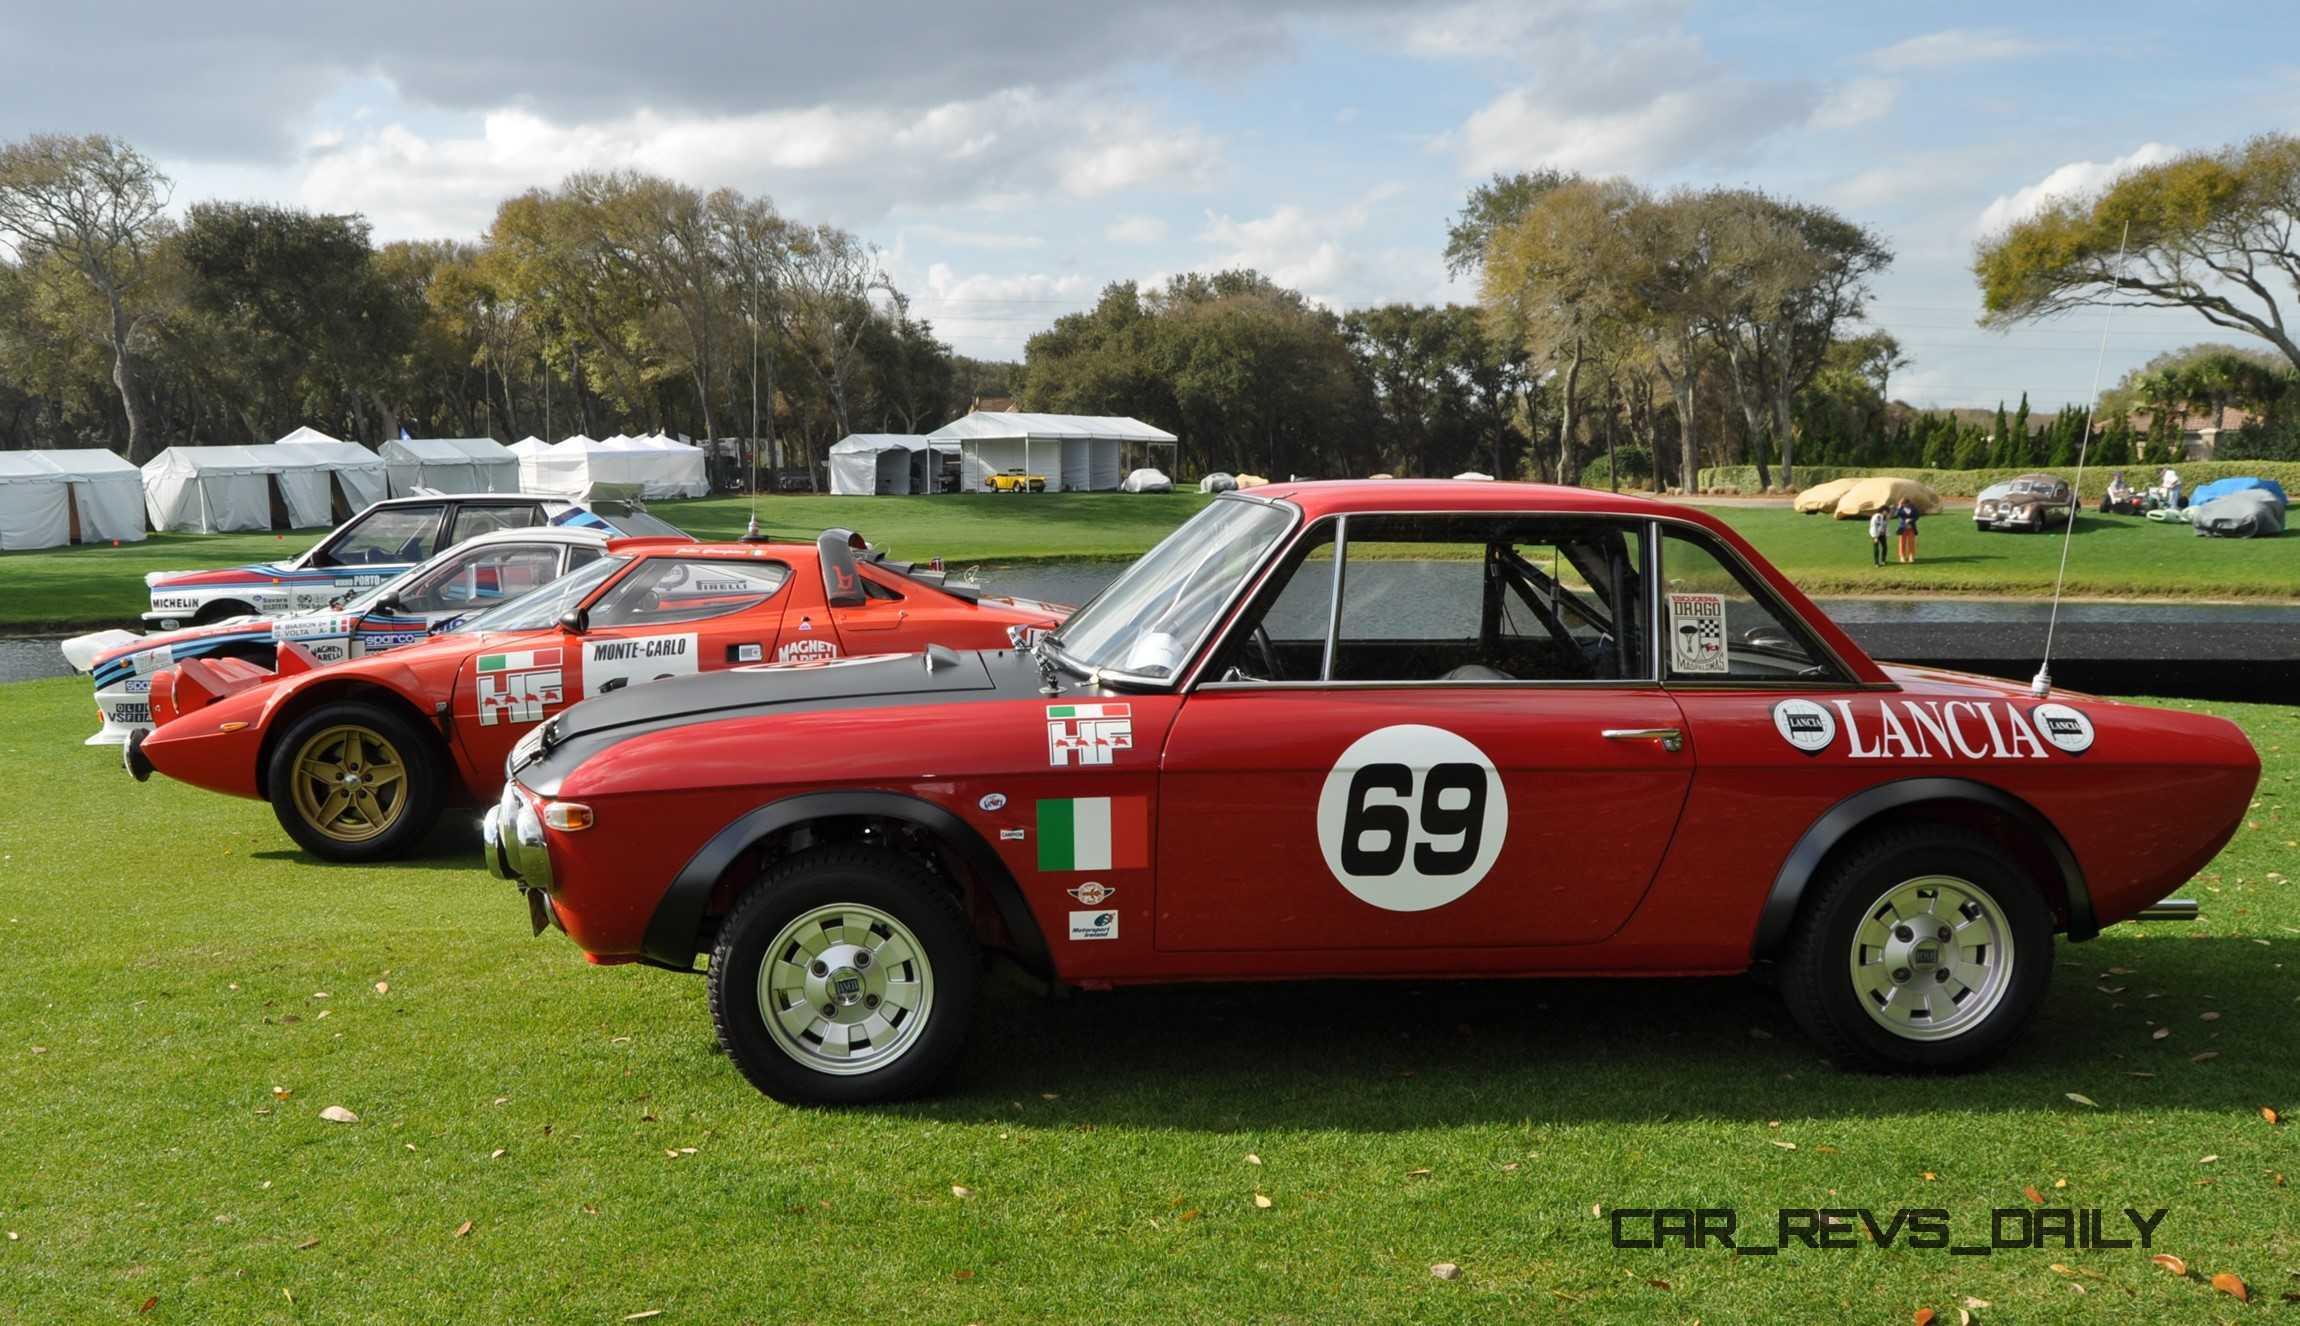 1969 Lancia Fulvia 1600 HF Rallye